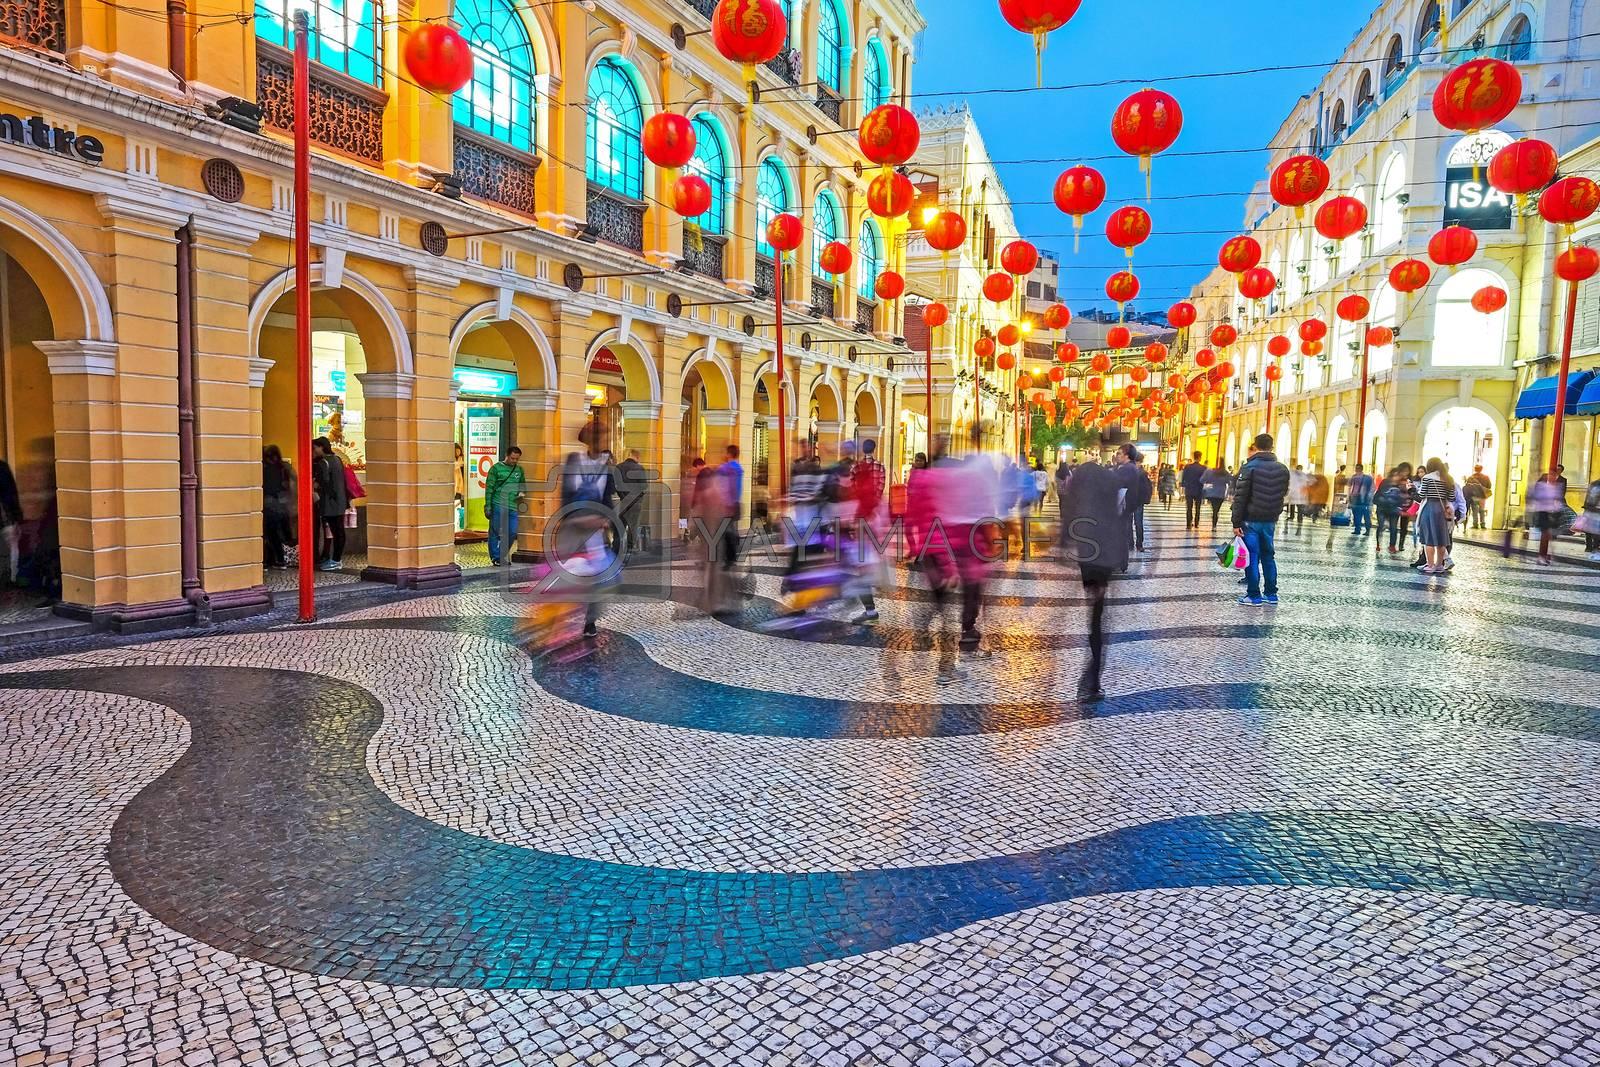 MACAU, MACAU - JANUARY 11,2016 - Senado Square nigth view of Macau. This square is the largest in Macau. Macau is a former Portuguese colony.